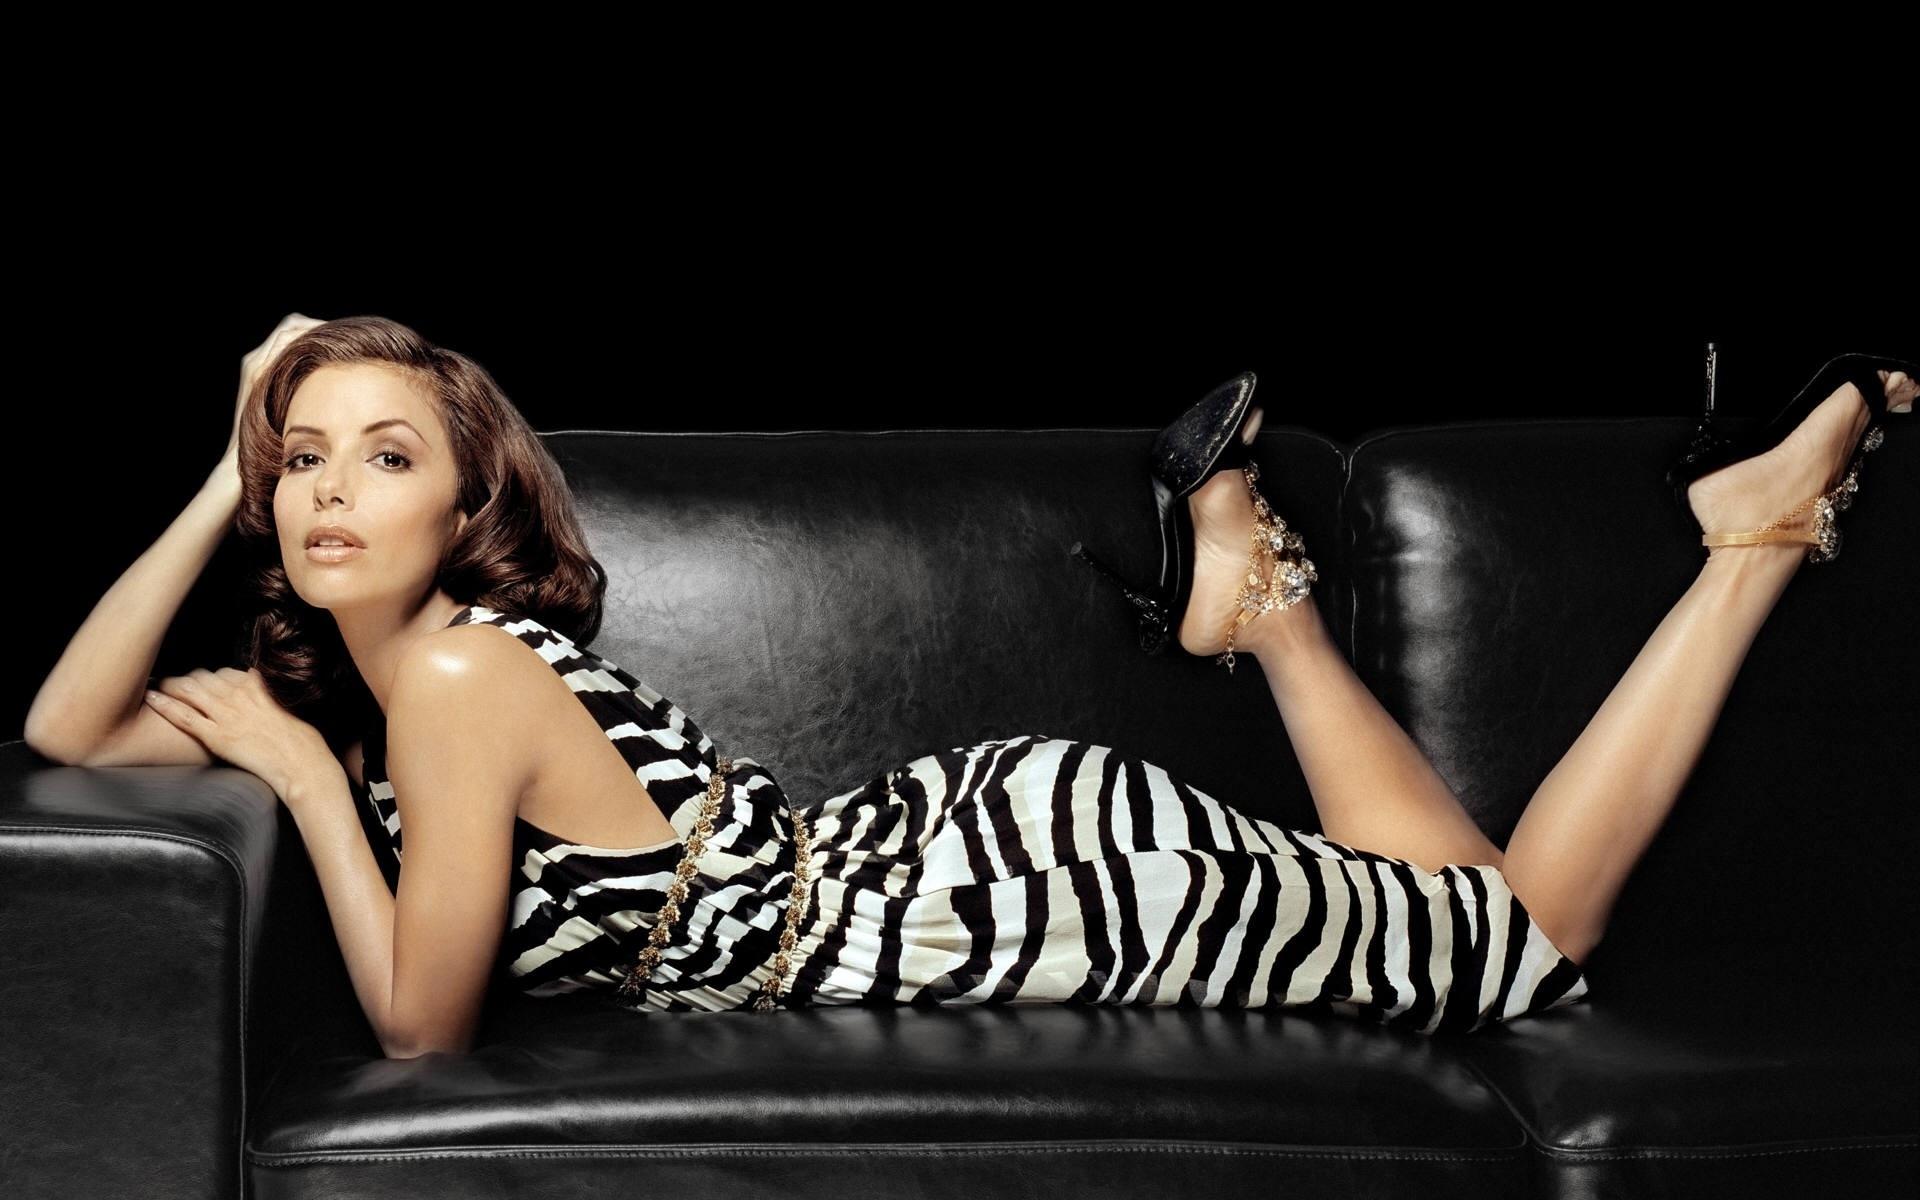 Красивые позы для фото на диване